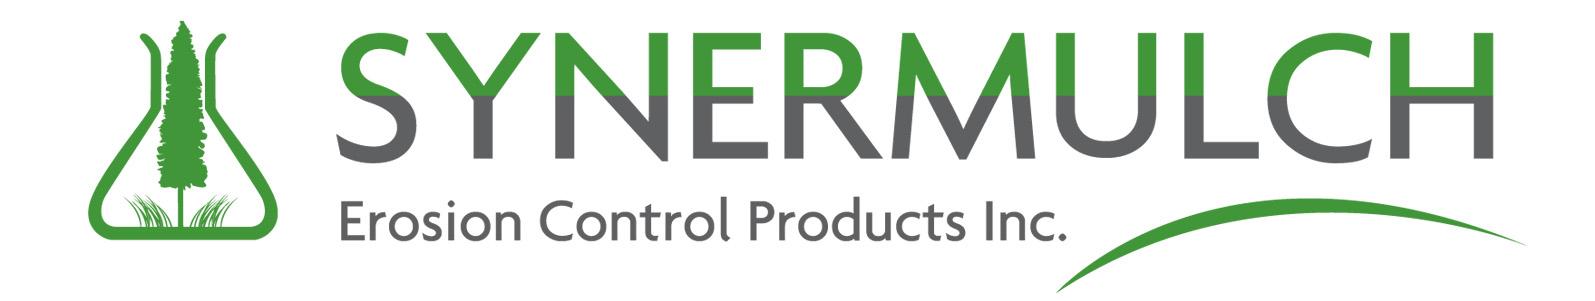 Synermulch-Logo-Design_Final_RGB.jpg